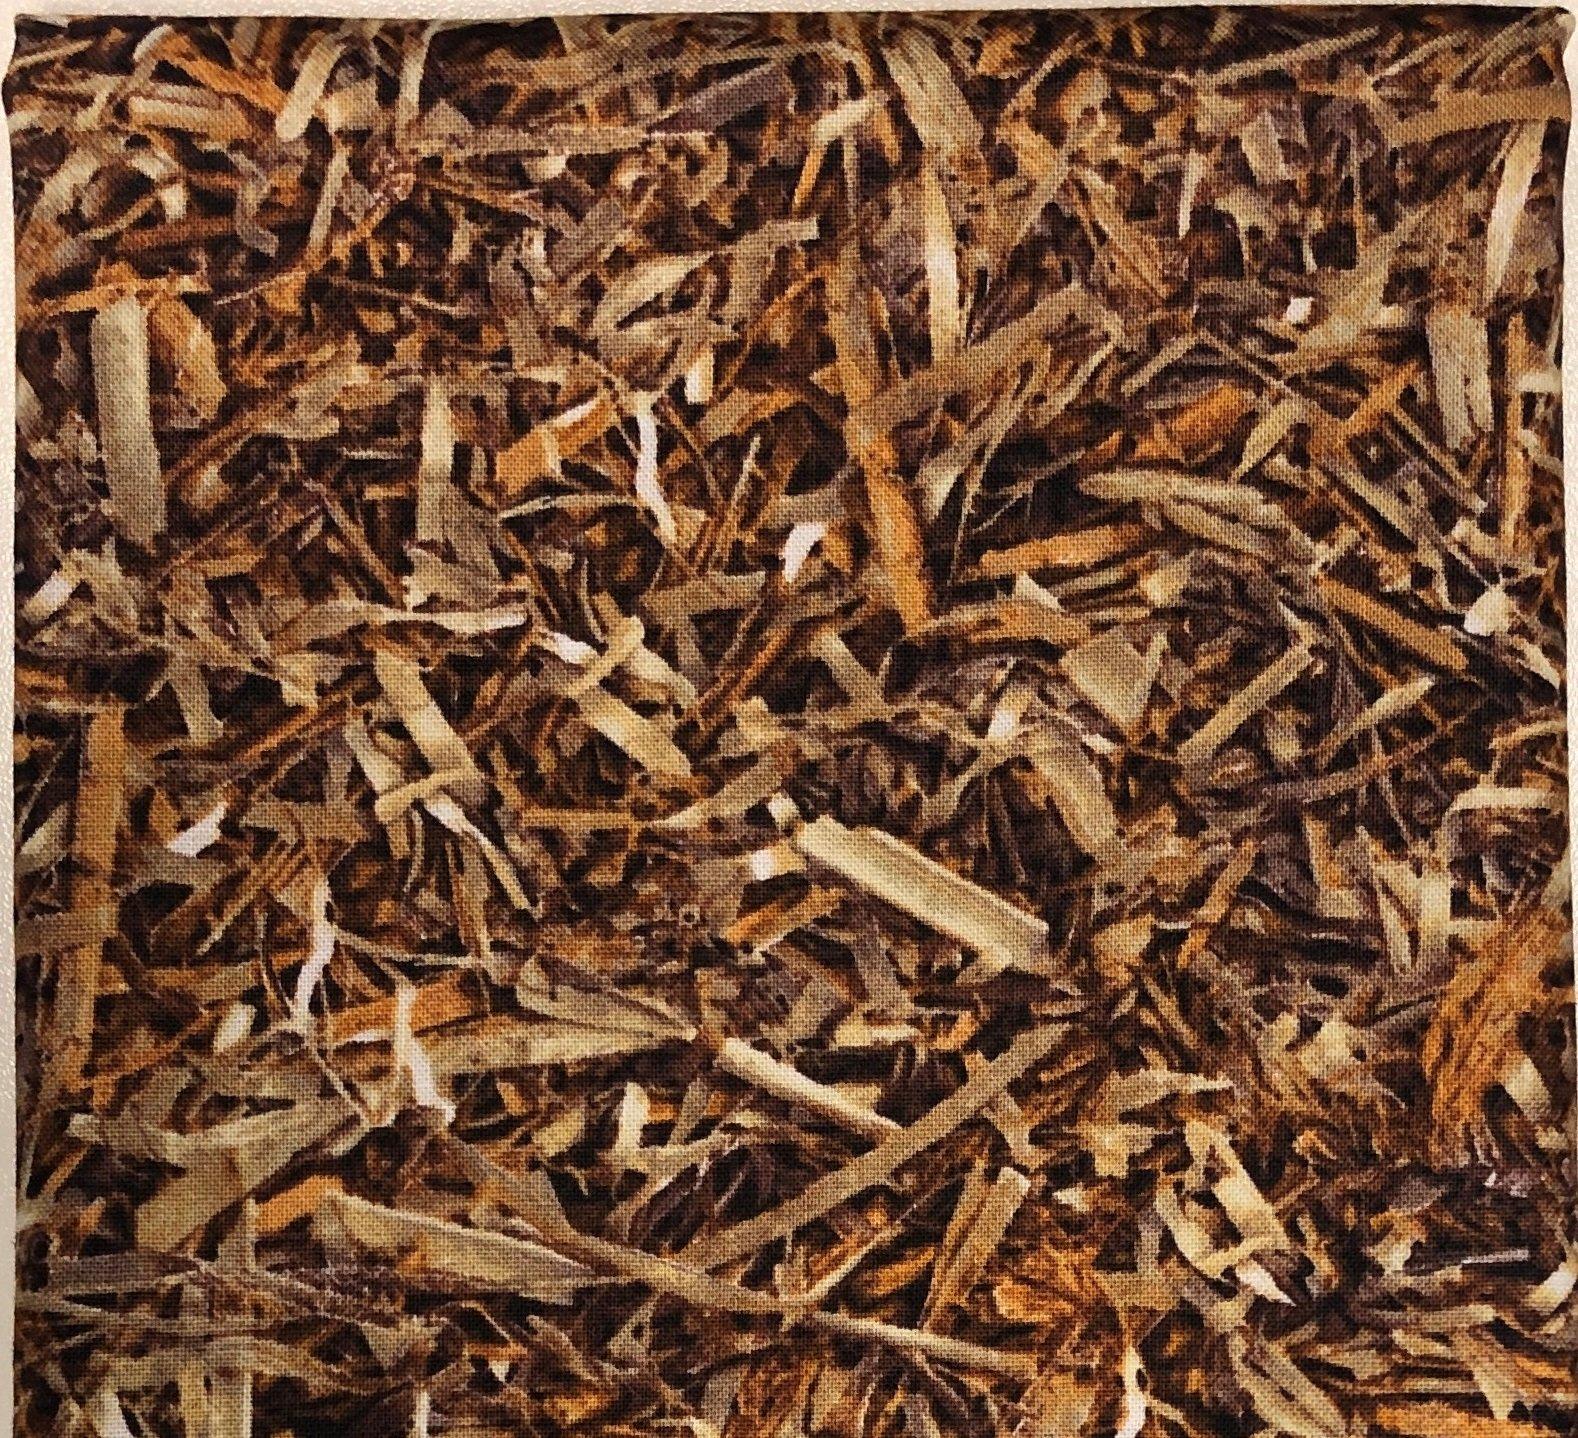 Straw Floor - Fat Quarters 20x22 - FQ009